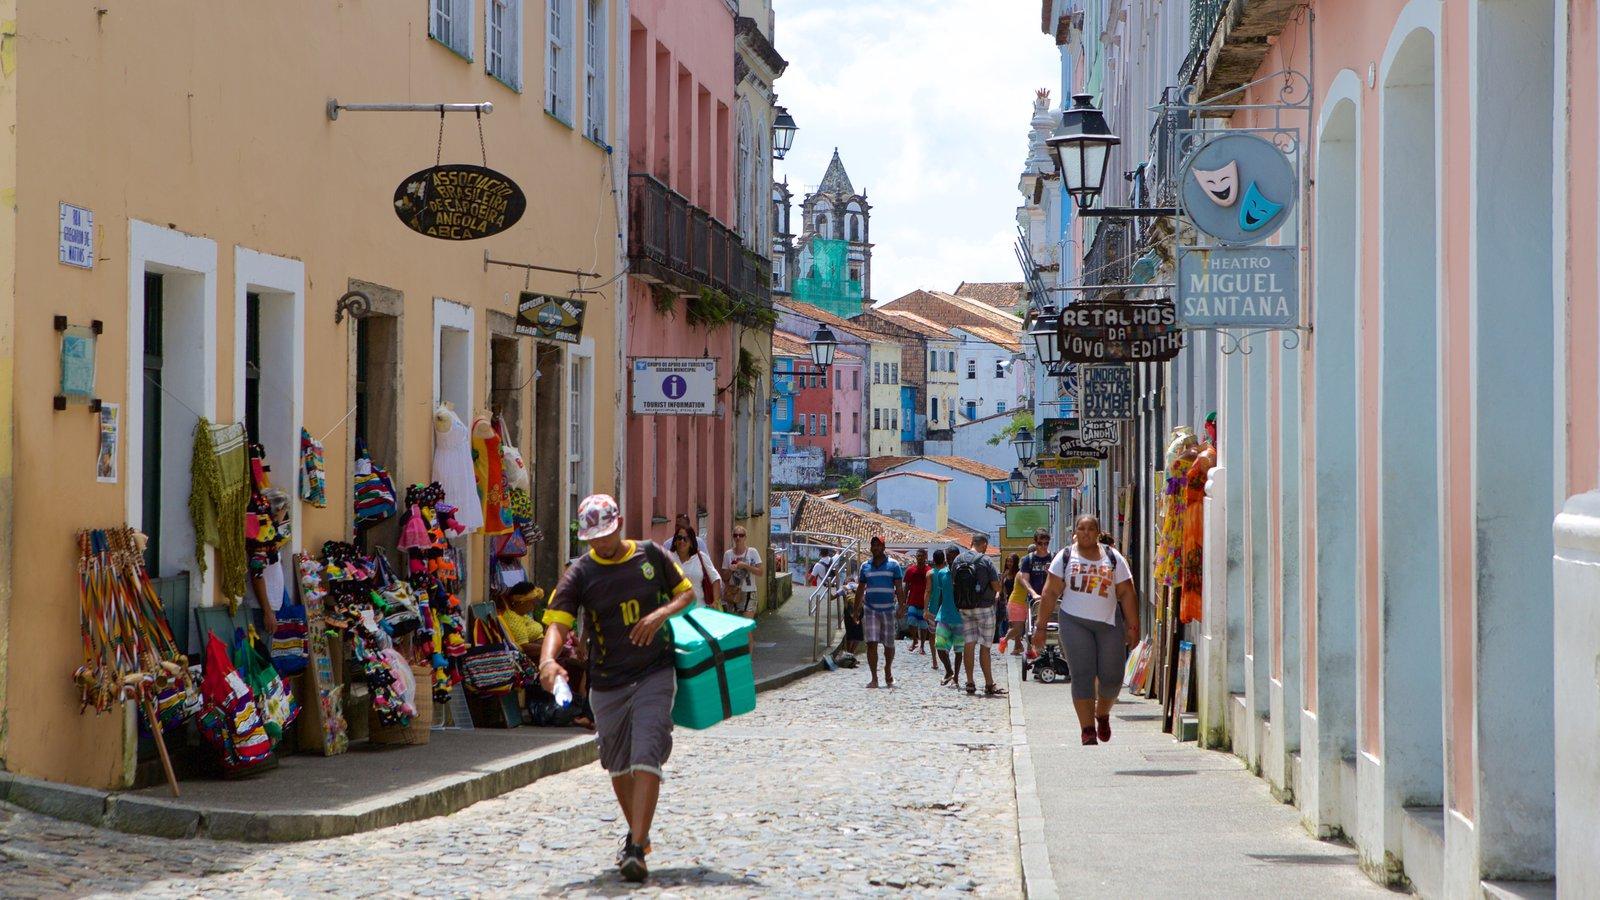 Pelourinho que inclui uma cidade litorânea, cenas de rua e estilo de vida de cafeteria